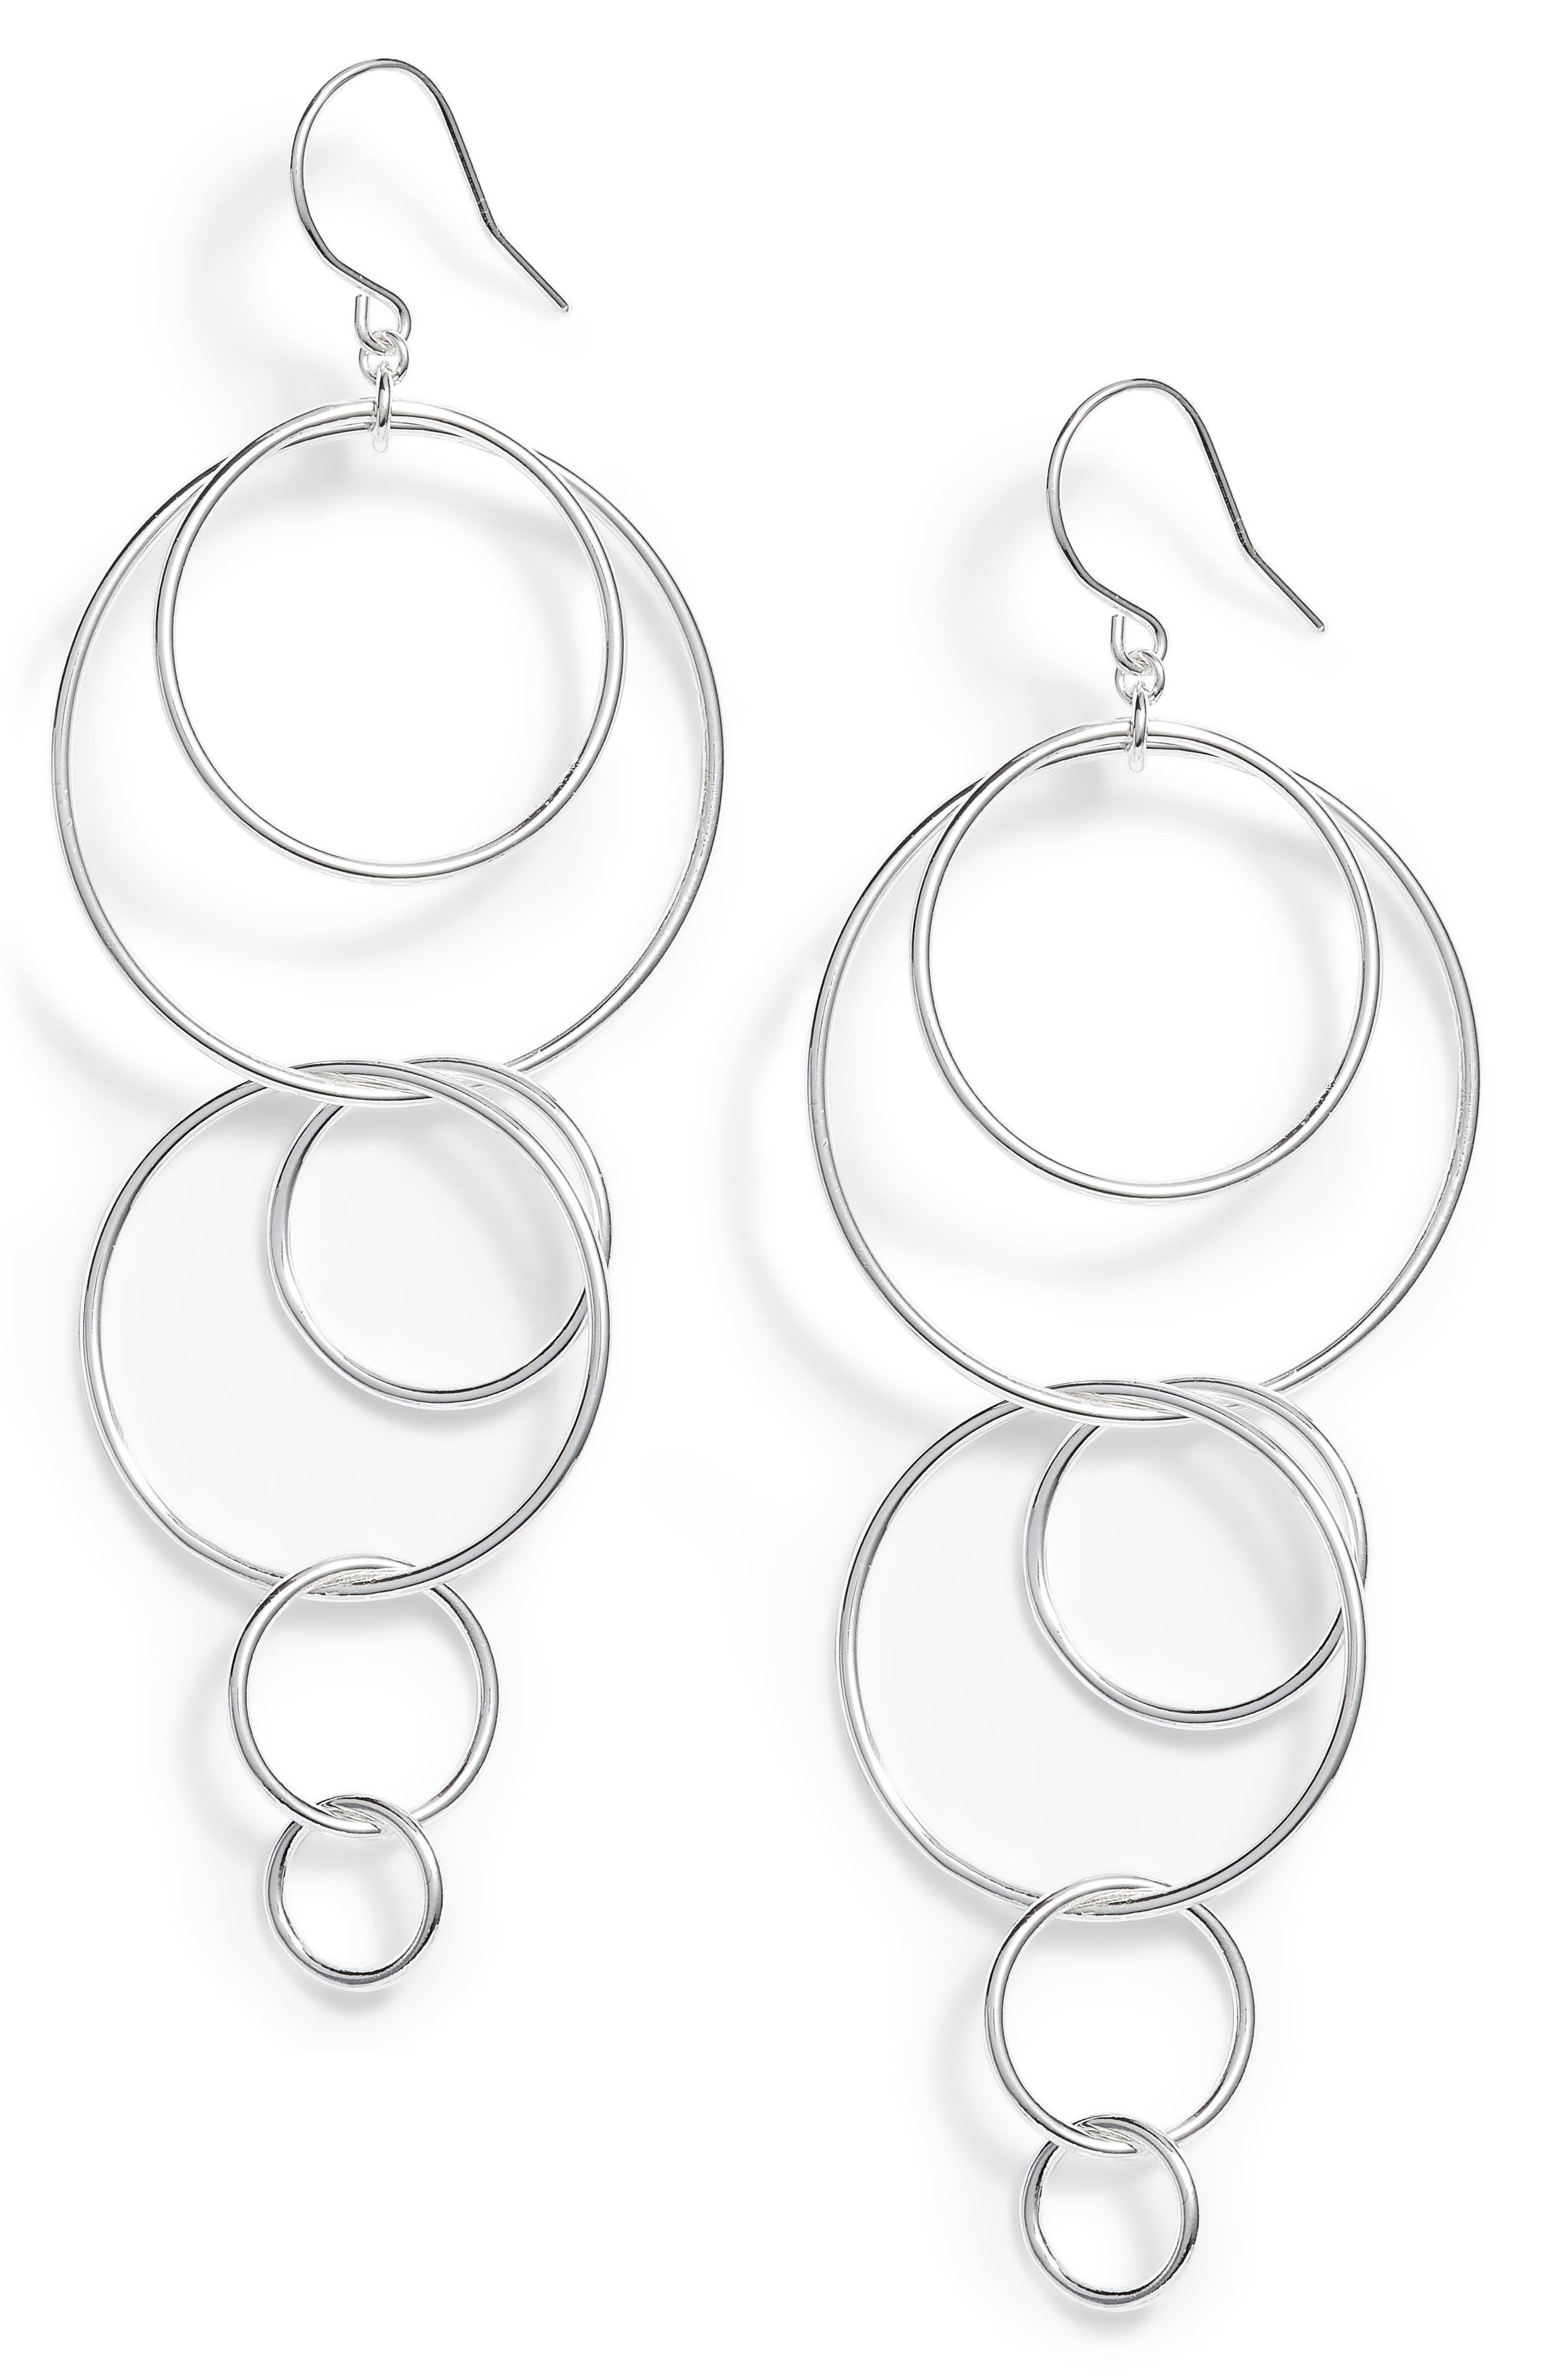 Wilshire Multi Loop Drop Earrings,                             Main thumbnail 1, color,                             040